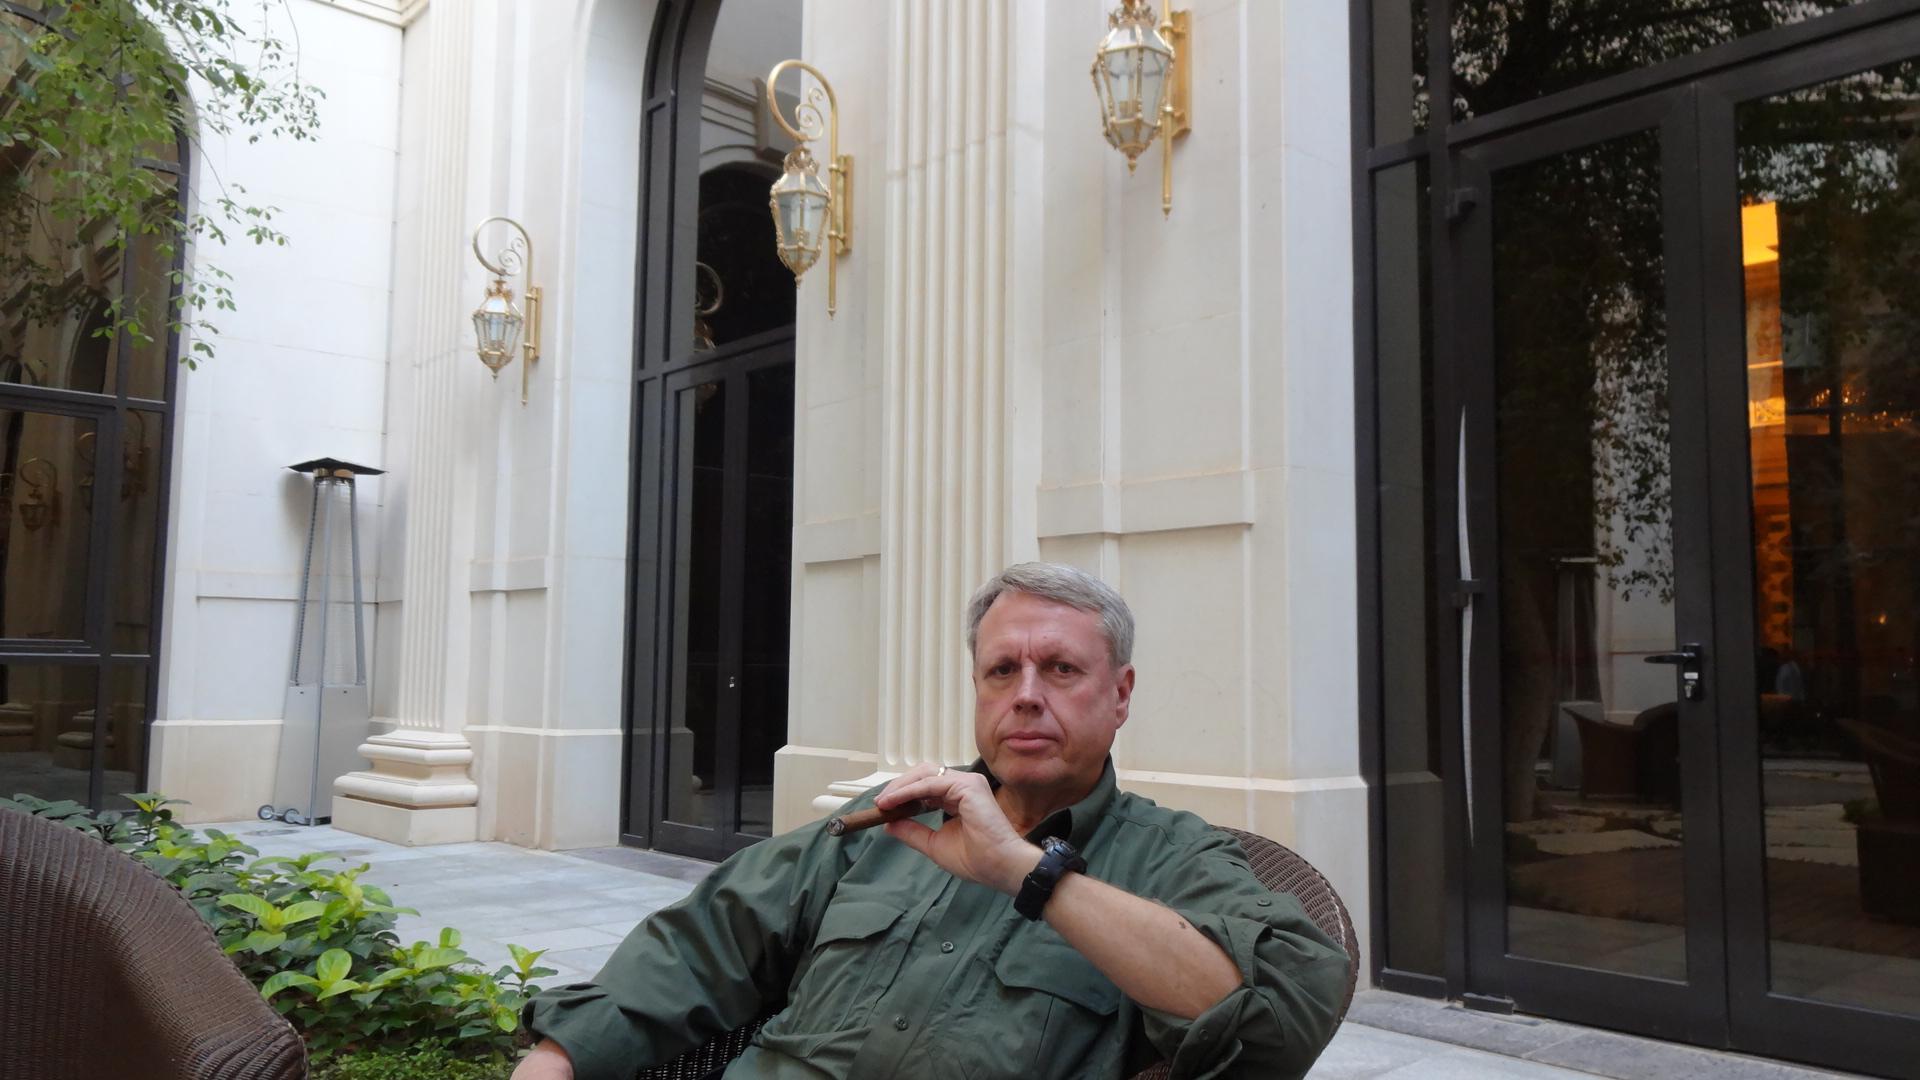 Smoking a Havana Montecristo at the Ritz